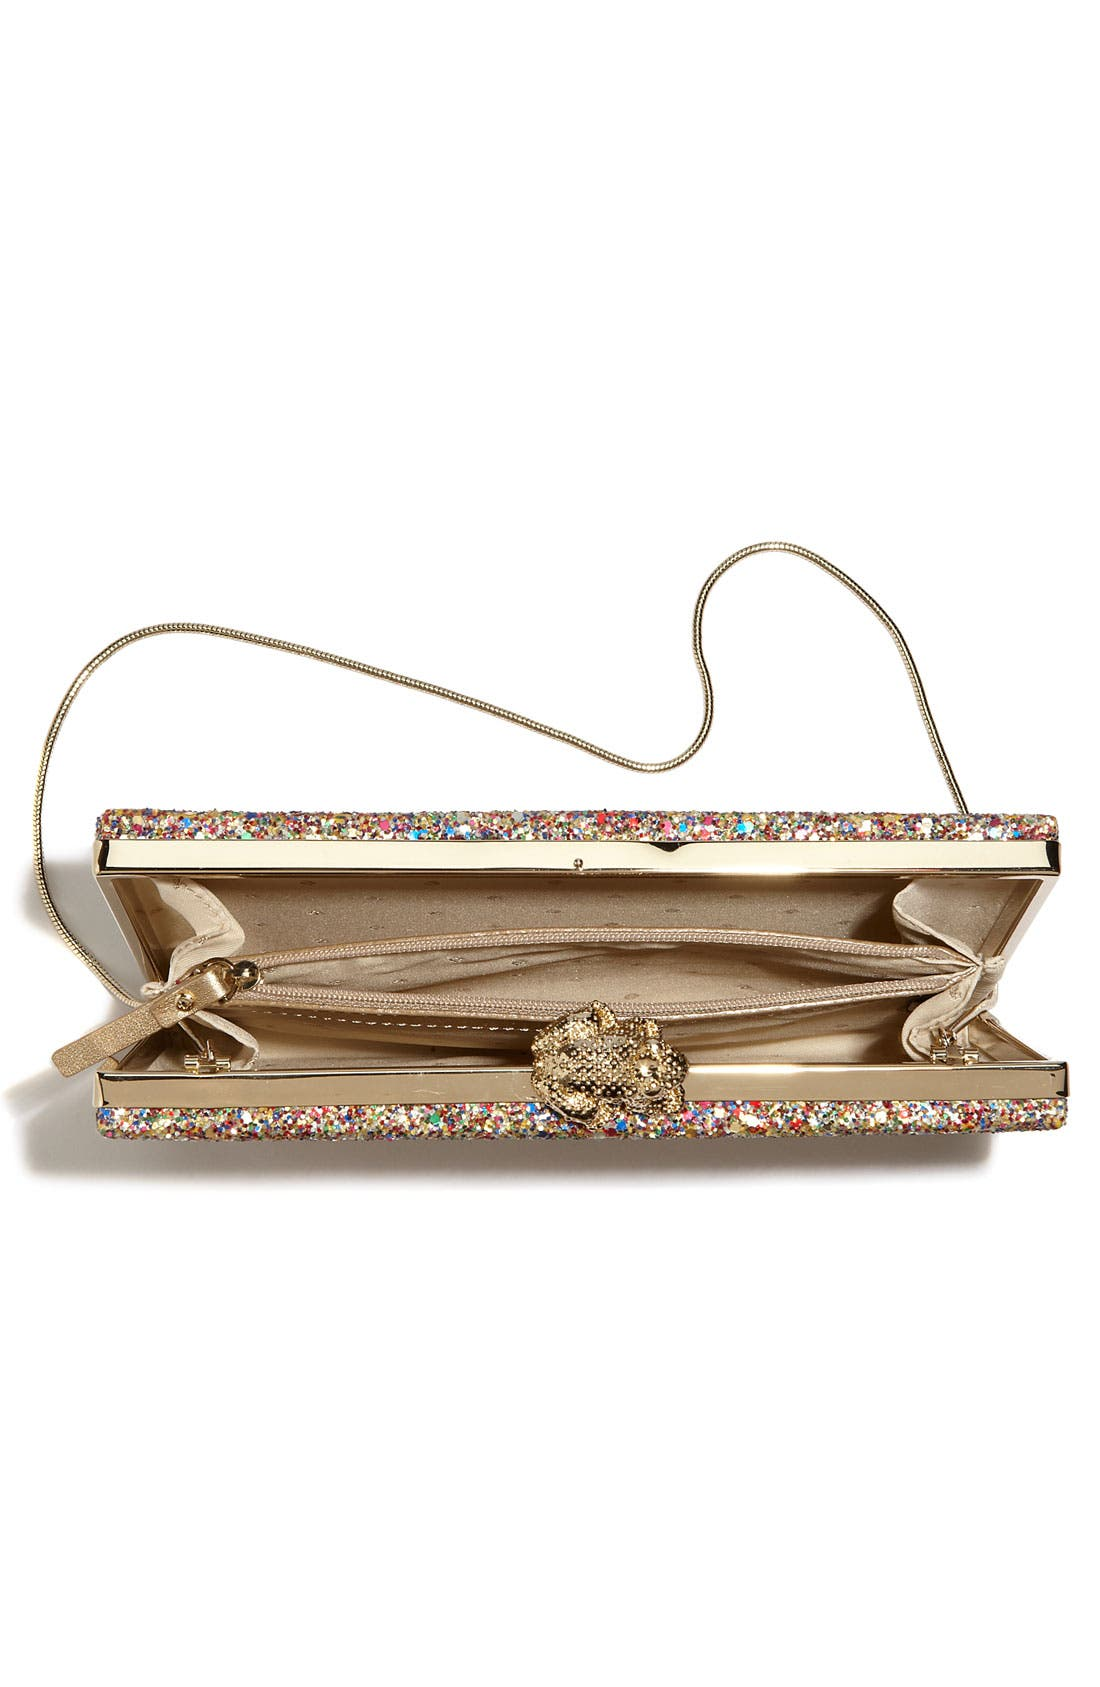 Alternate Image 3  - kate spade new york 'bridal - emanuelle' clutch